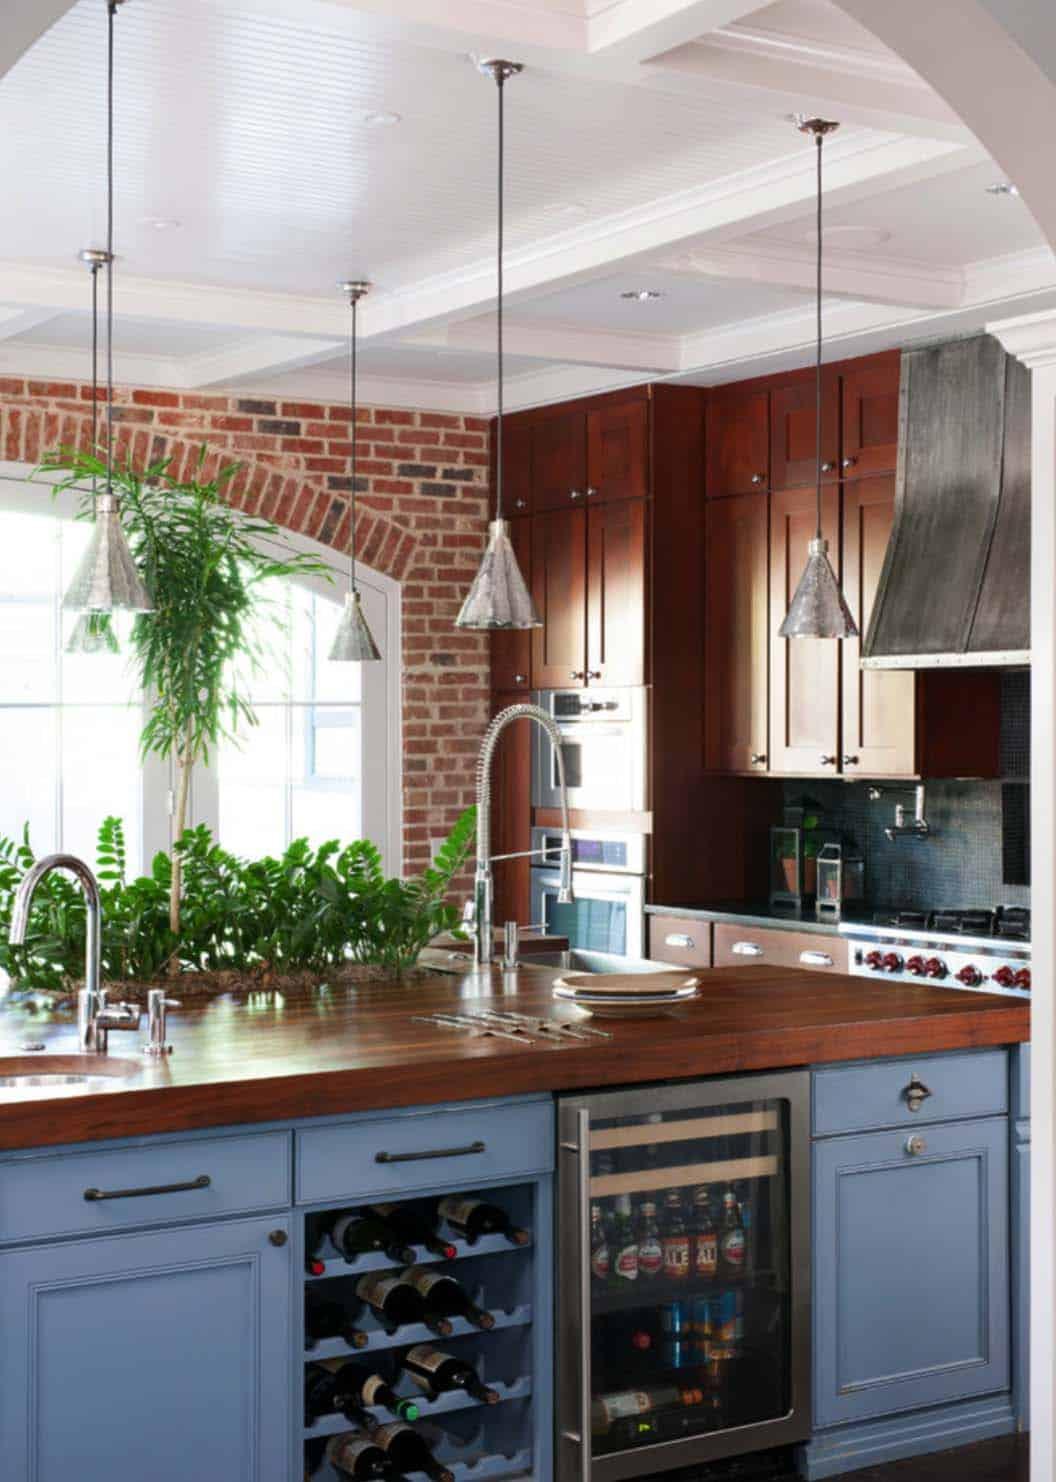 Rénovation de maison de style transitionnel-Lawlor Architects-04-1 Kindesign